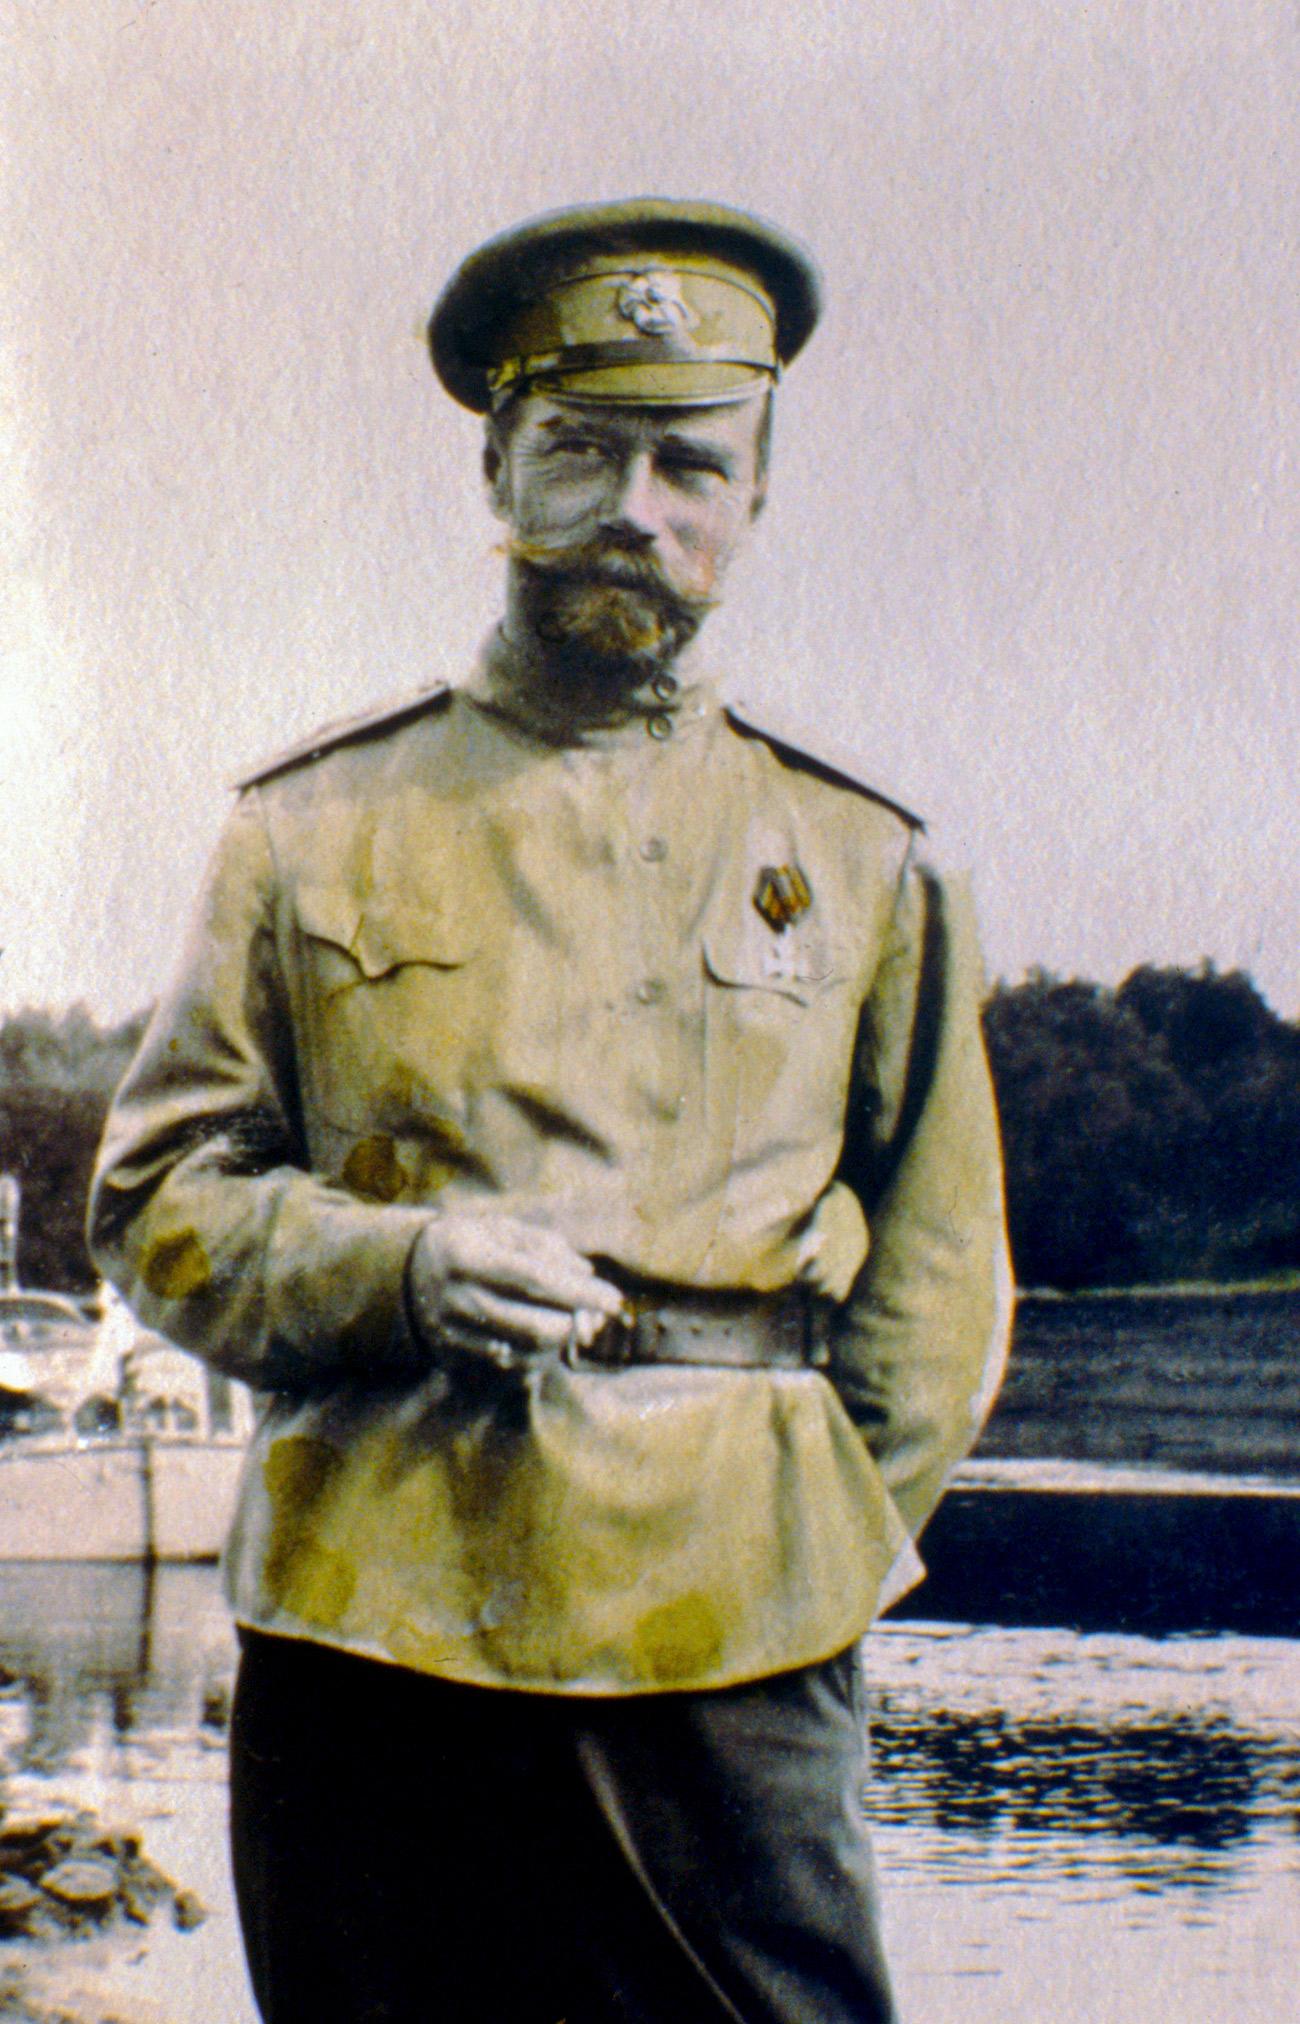 La famiglia imperiale russa amava la fotografia, diventata molto popolare nella metà del XX secolo. I progressi tecnologici avevano infatti reso l'arte della fotografia accessibile a un amplio pubblico e anche lo zar russo si avvicinò a questo hobby. Nella foto, lo zar Nicola II